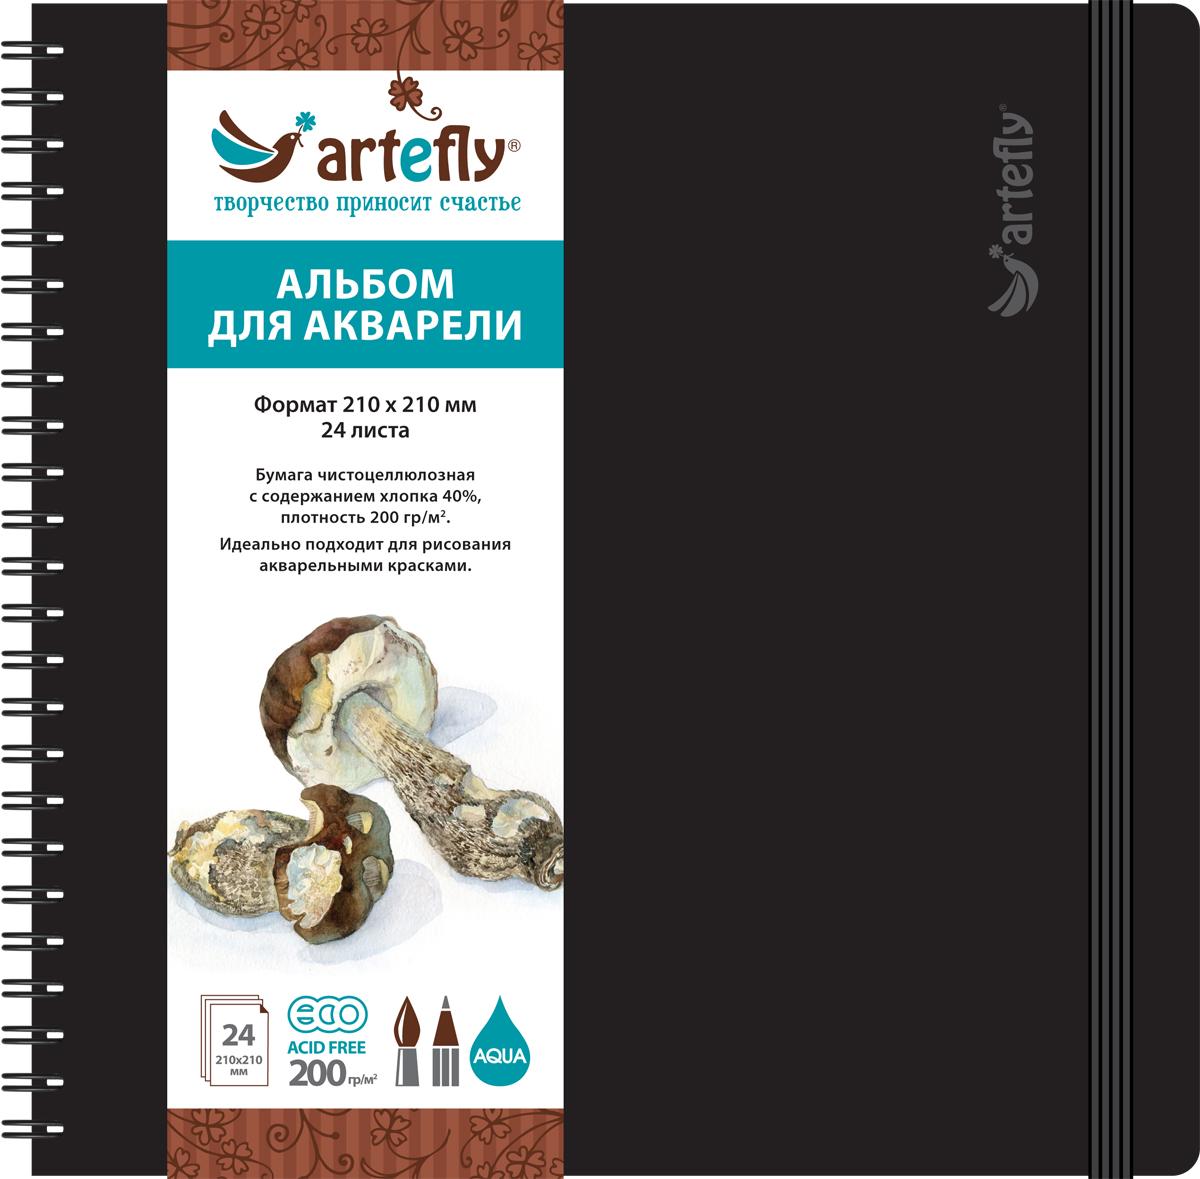 Artefly Альбом для акварели 24 листа 21 х 21 см0703415Альбом идеально подходит для рисования в нем акварельными красками. Удобная эластичная застежка защитит Вашу записную книжку. Переплет на спирали делает альбом еще более удобным и позволяет с легкостью переворачивать страницы.